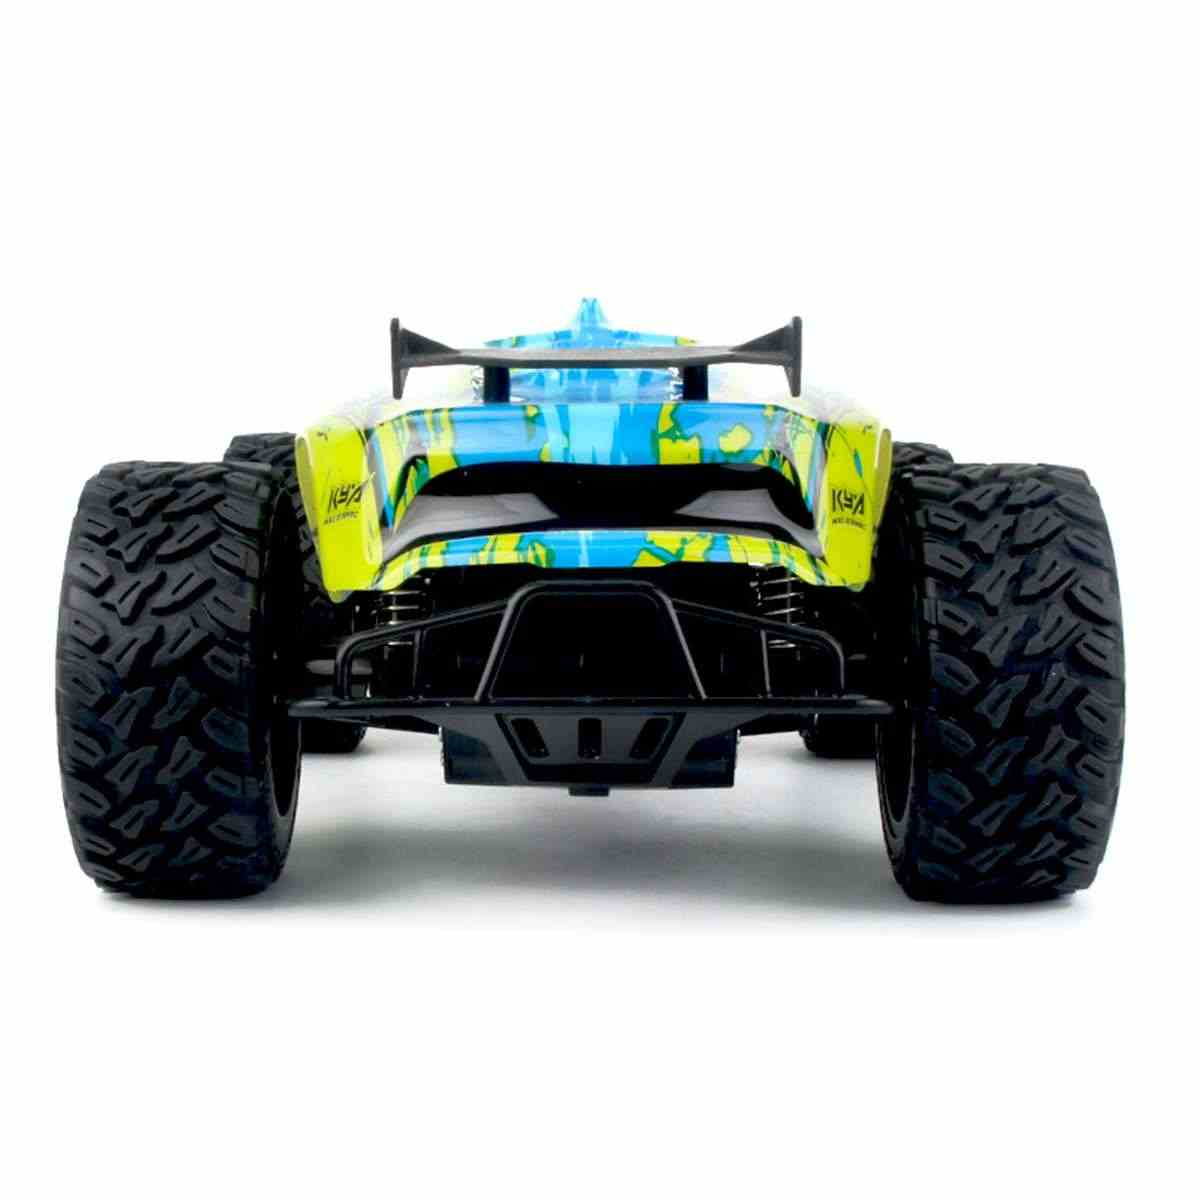 1:14 70 km/h 2wd rc controle remoto fora da estrada carros de corrida veículo 2.4 ghz crawlers caminhão monstro elétrico rc